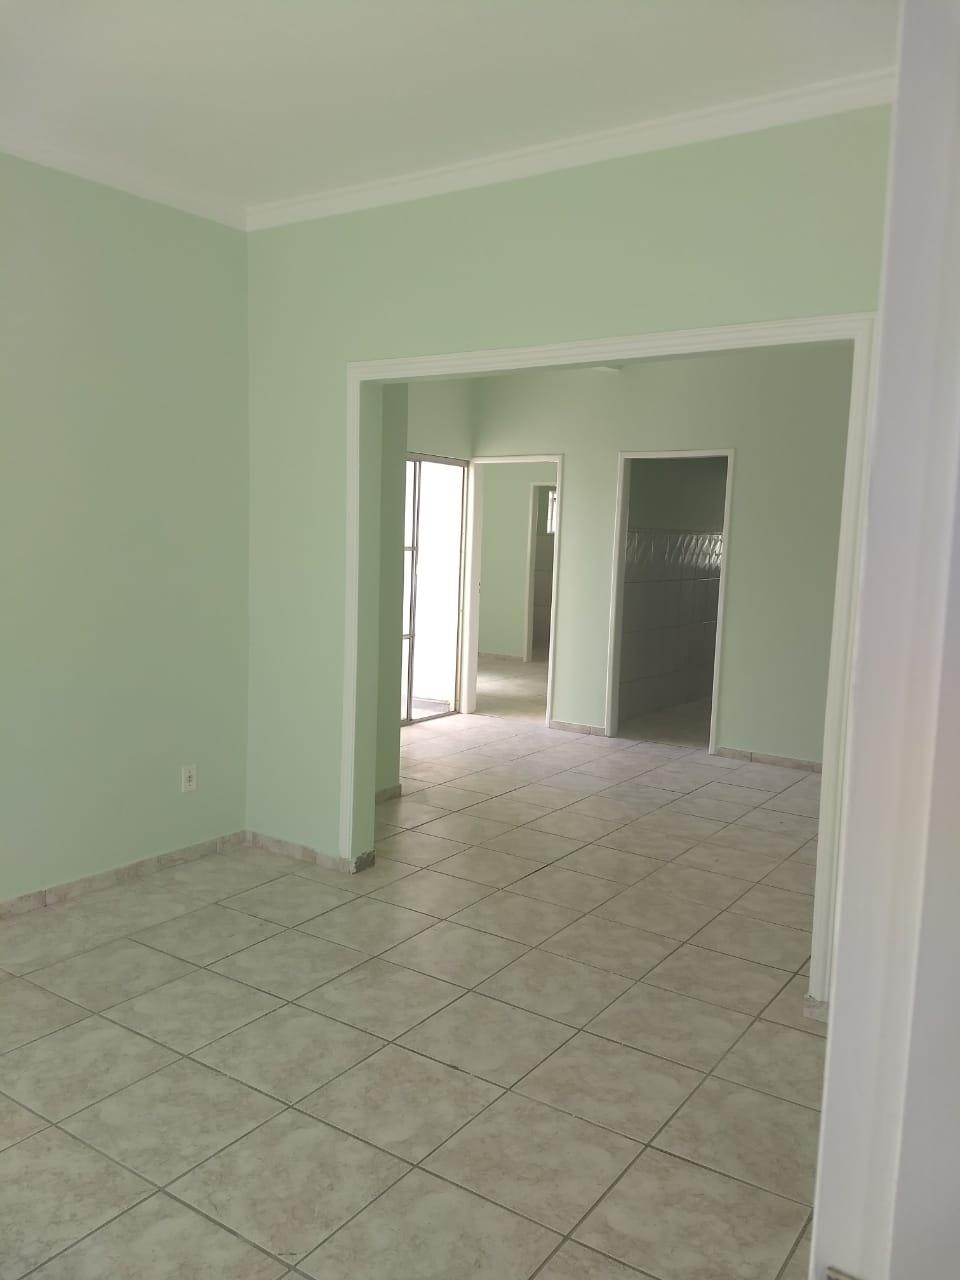 Sala  com 2 quartos sendo 2 Suítes no BOSQUE DA SAUDE, Cuiabá  - MT